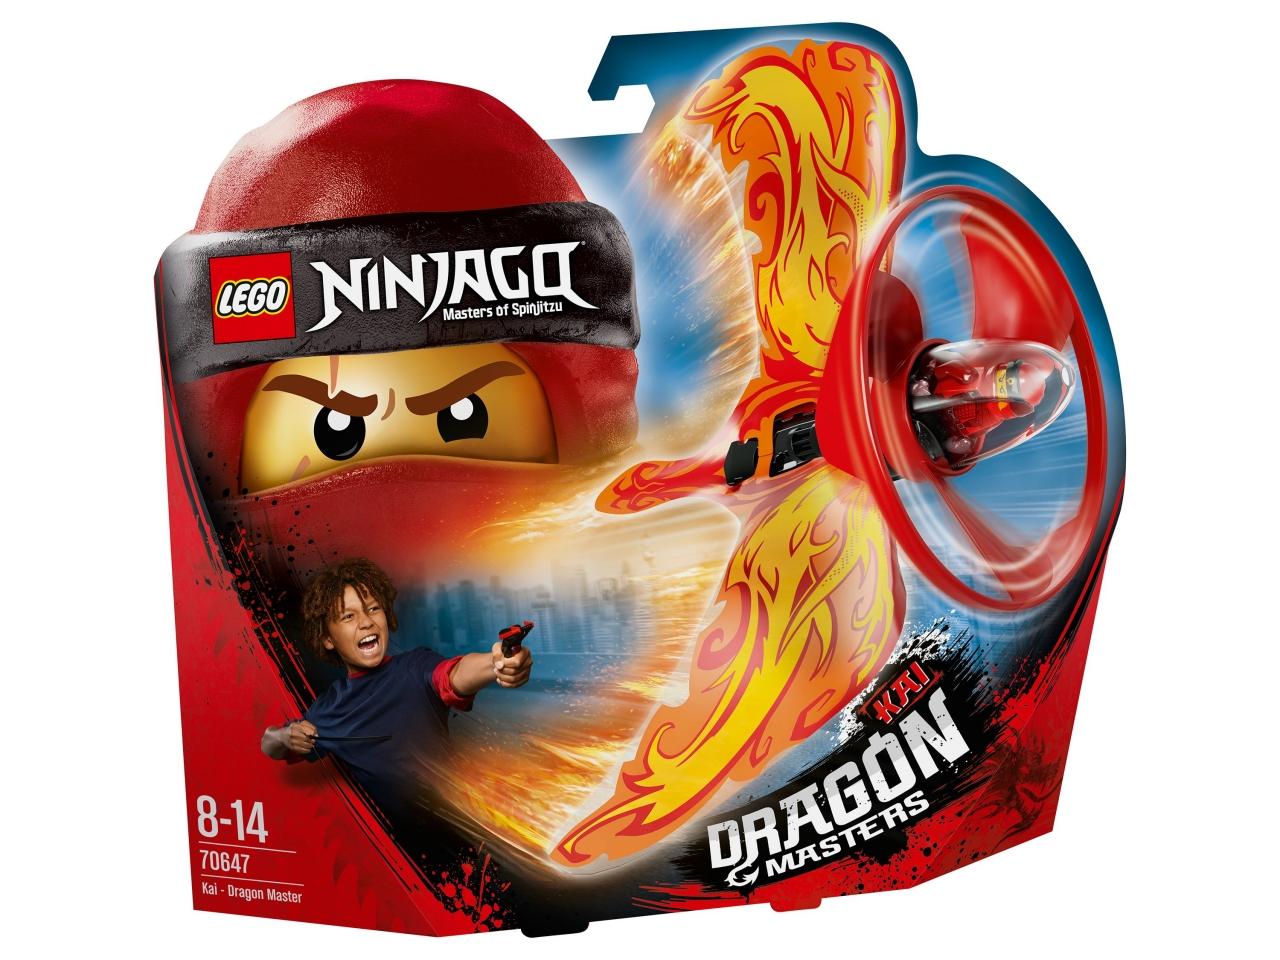 Купить Конструктор LEGO 70647 Ninjago Кай — Мастер дракона, пластик, Для мальчиков и девочек, Мексика, Конструкторы